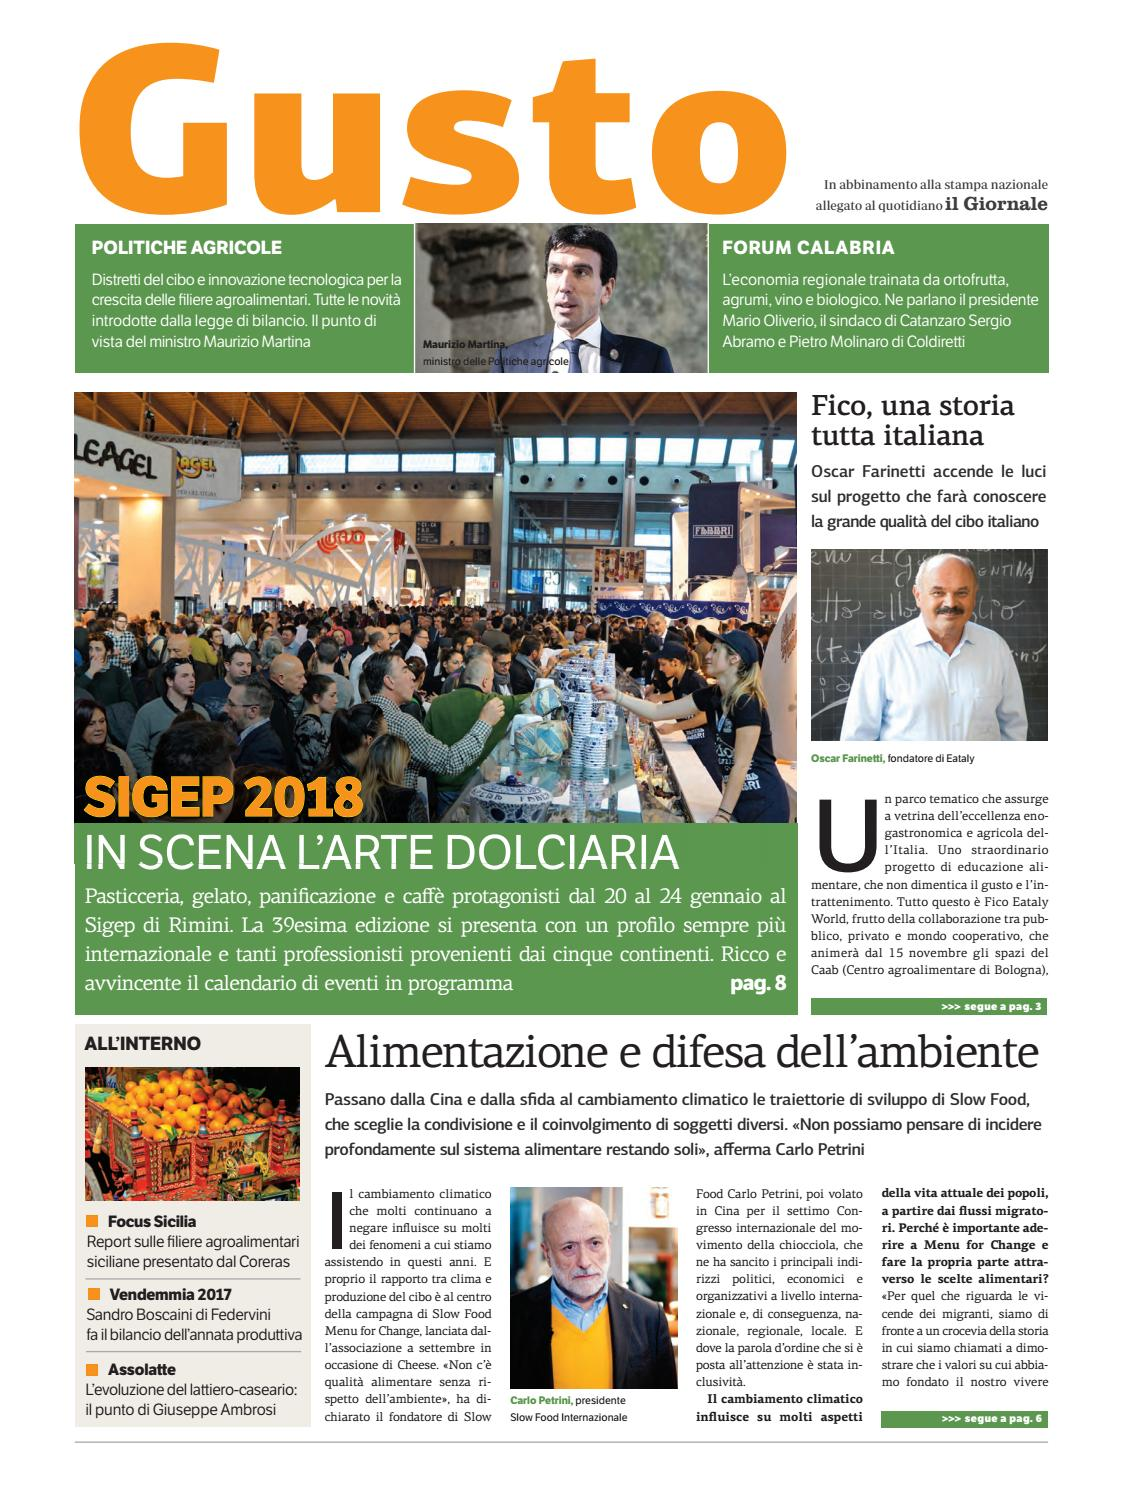 Gusto-Ott 2017-2EDIZ by Golfarelli Editore International Group - issuu c7d9555a2476